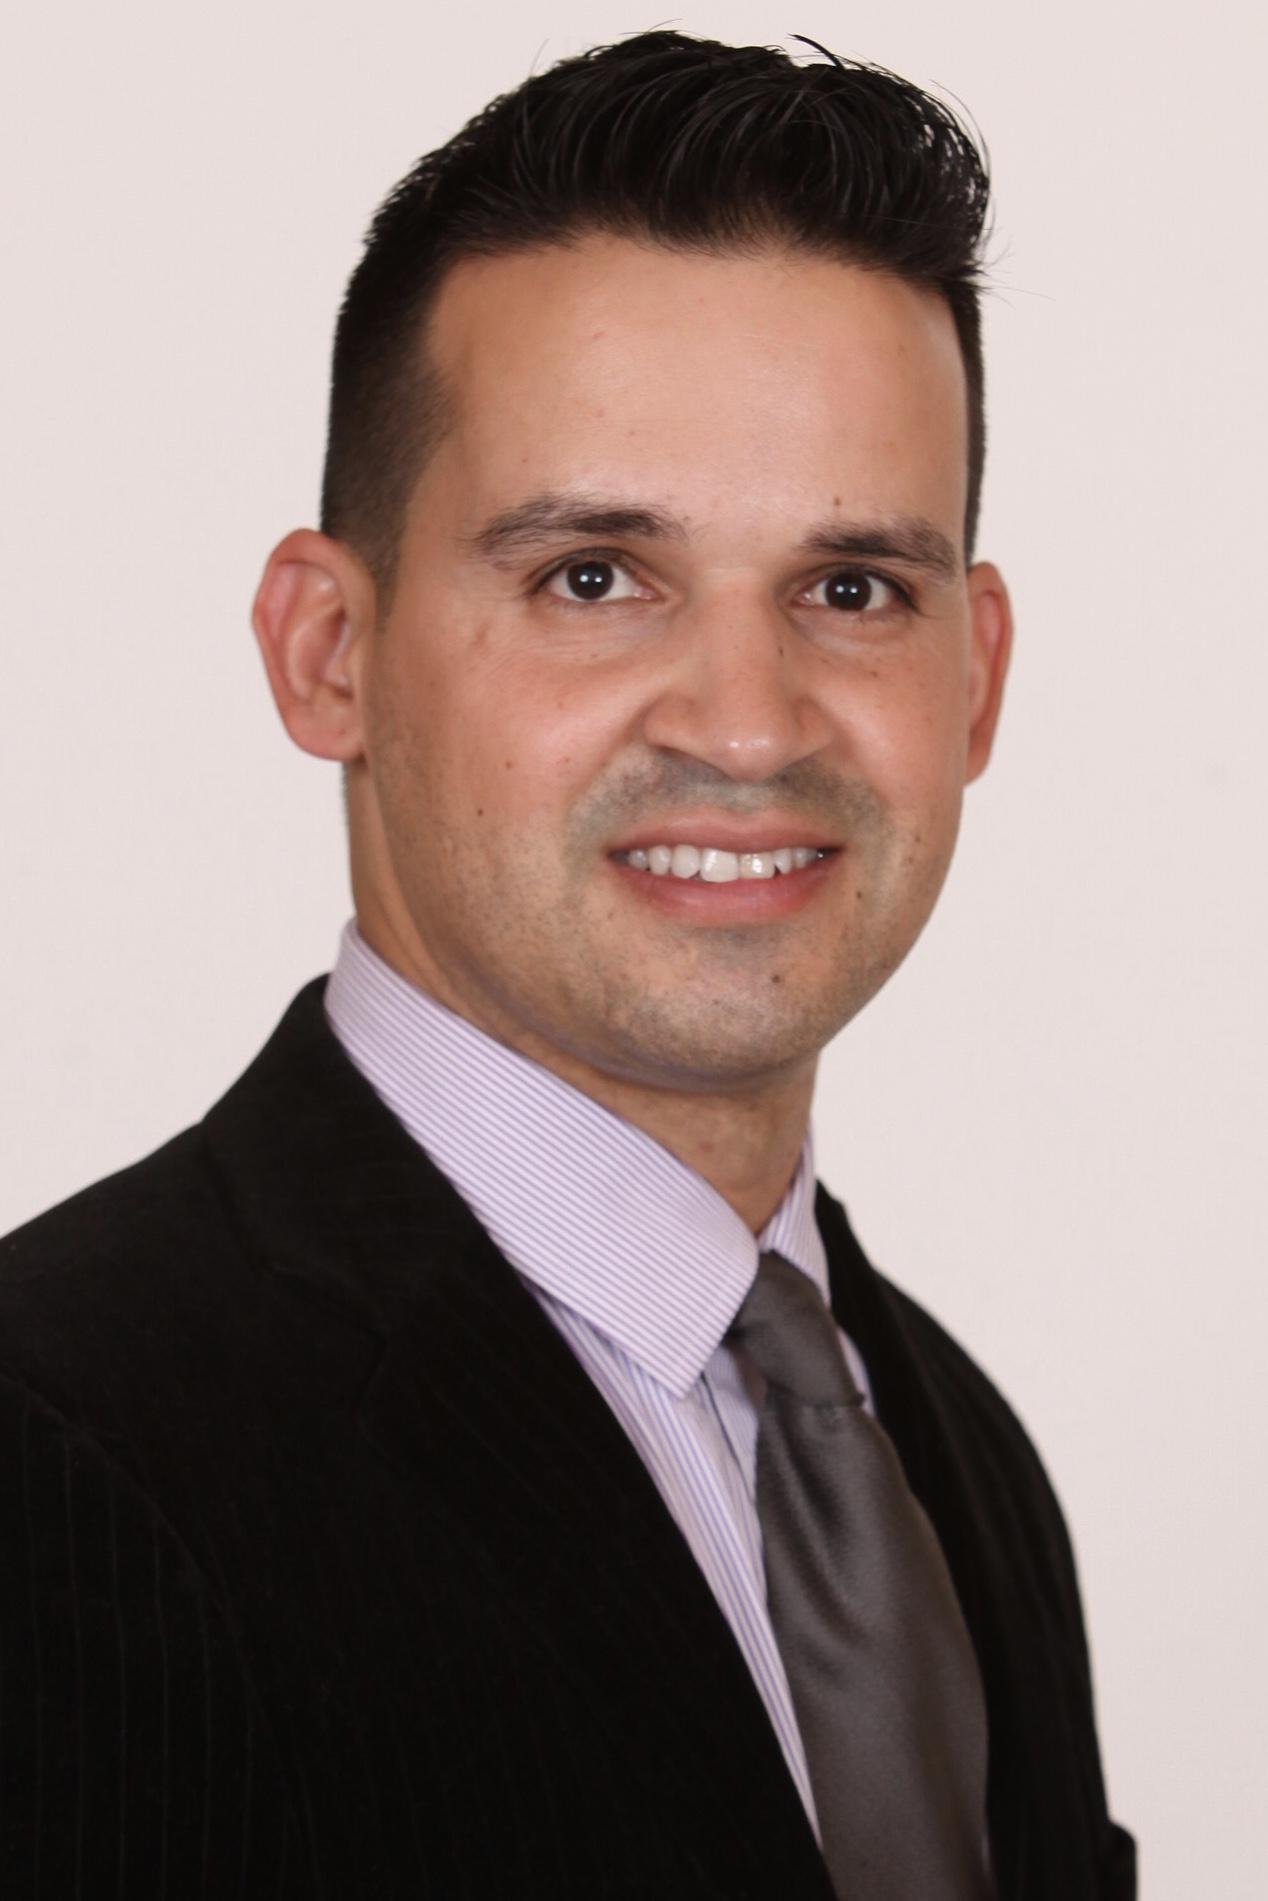 John Estevez - Licensed Real Estate Salesperson